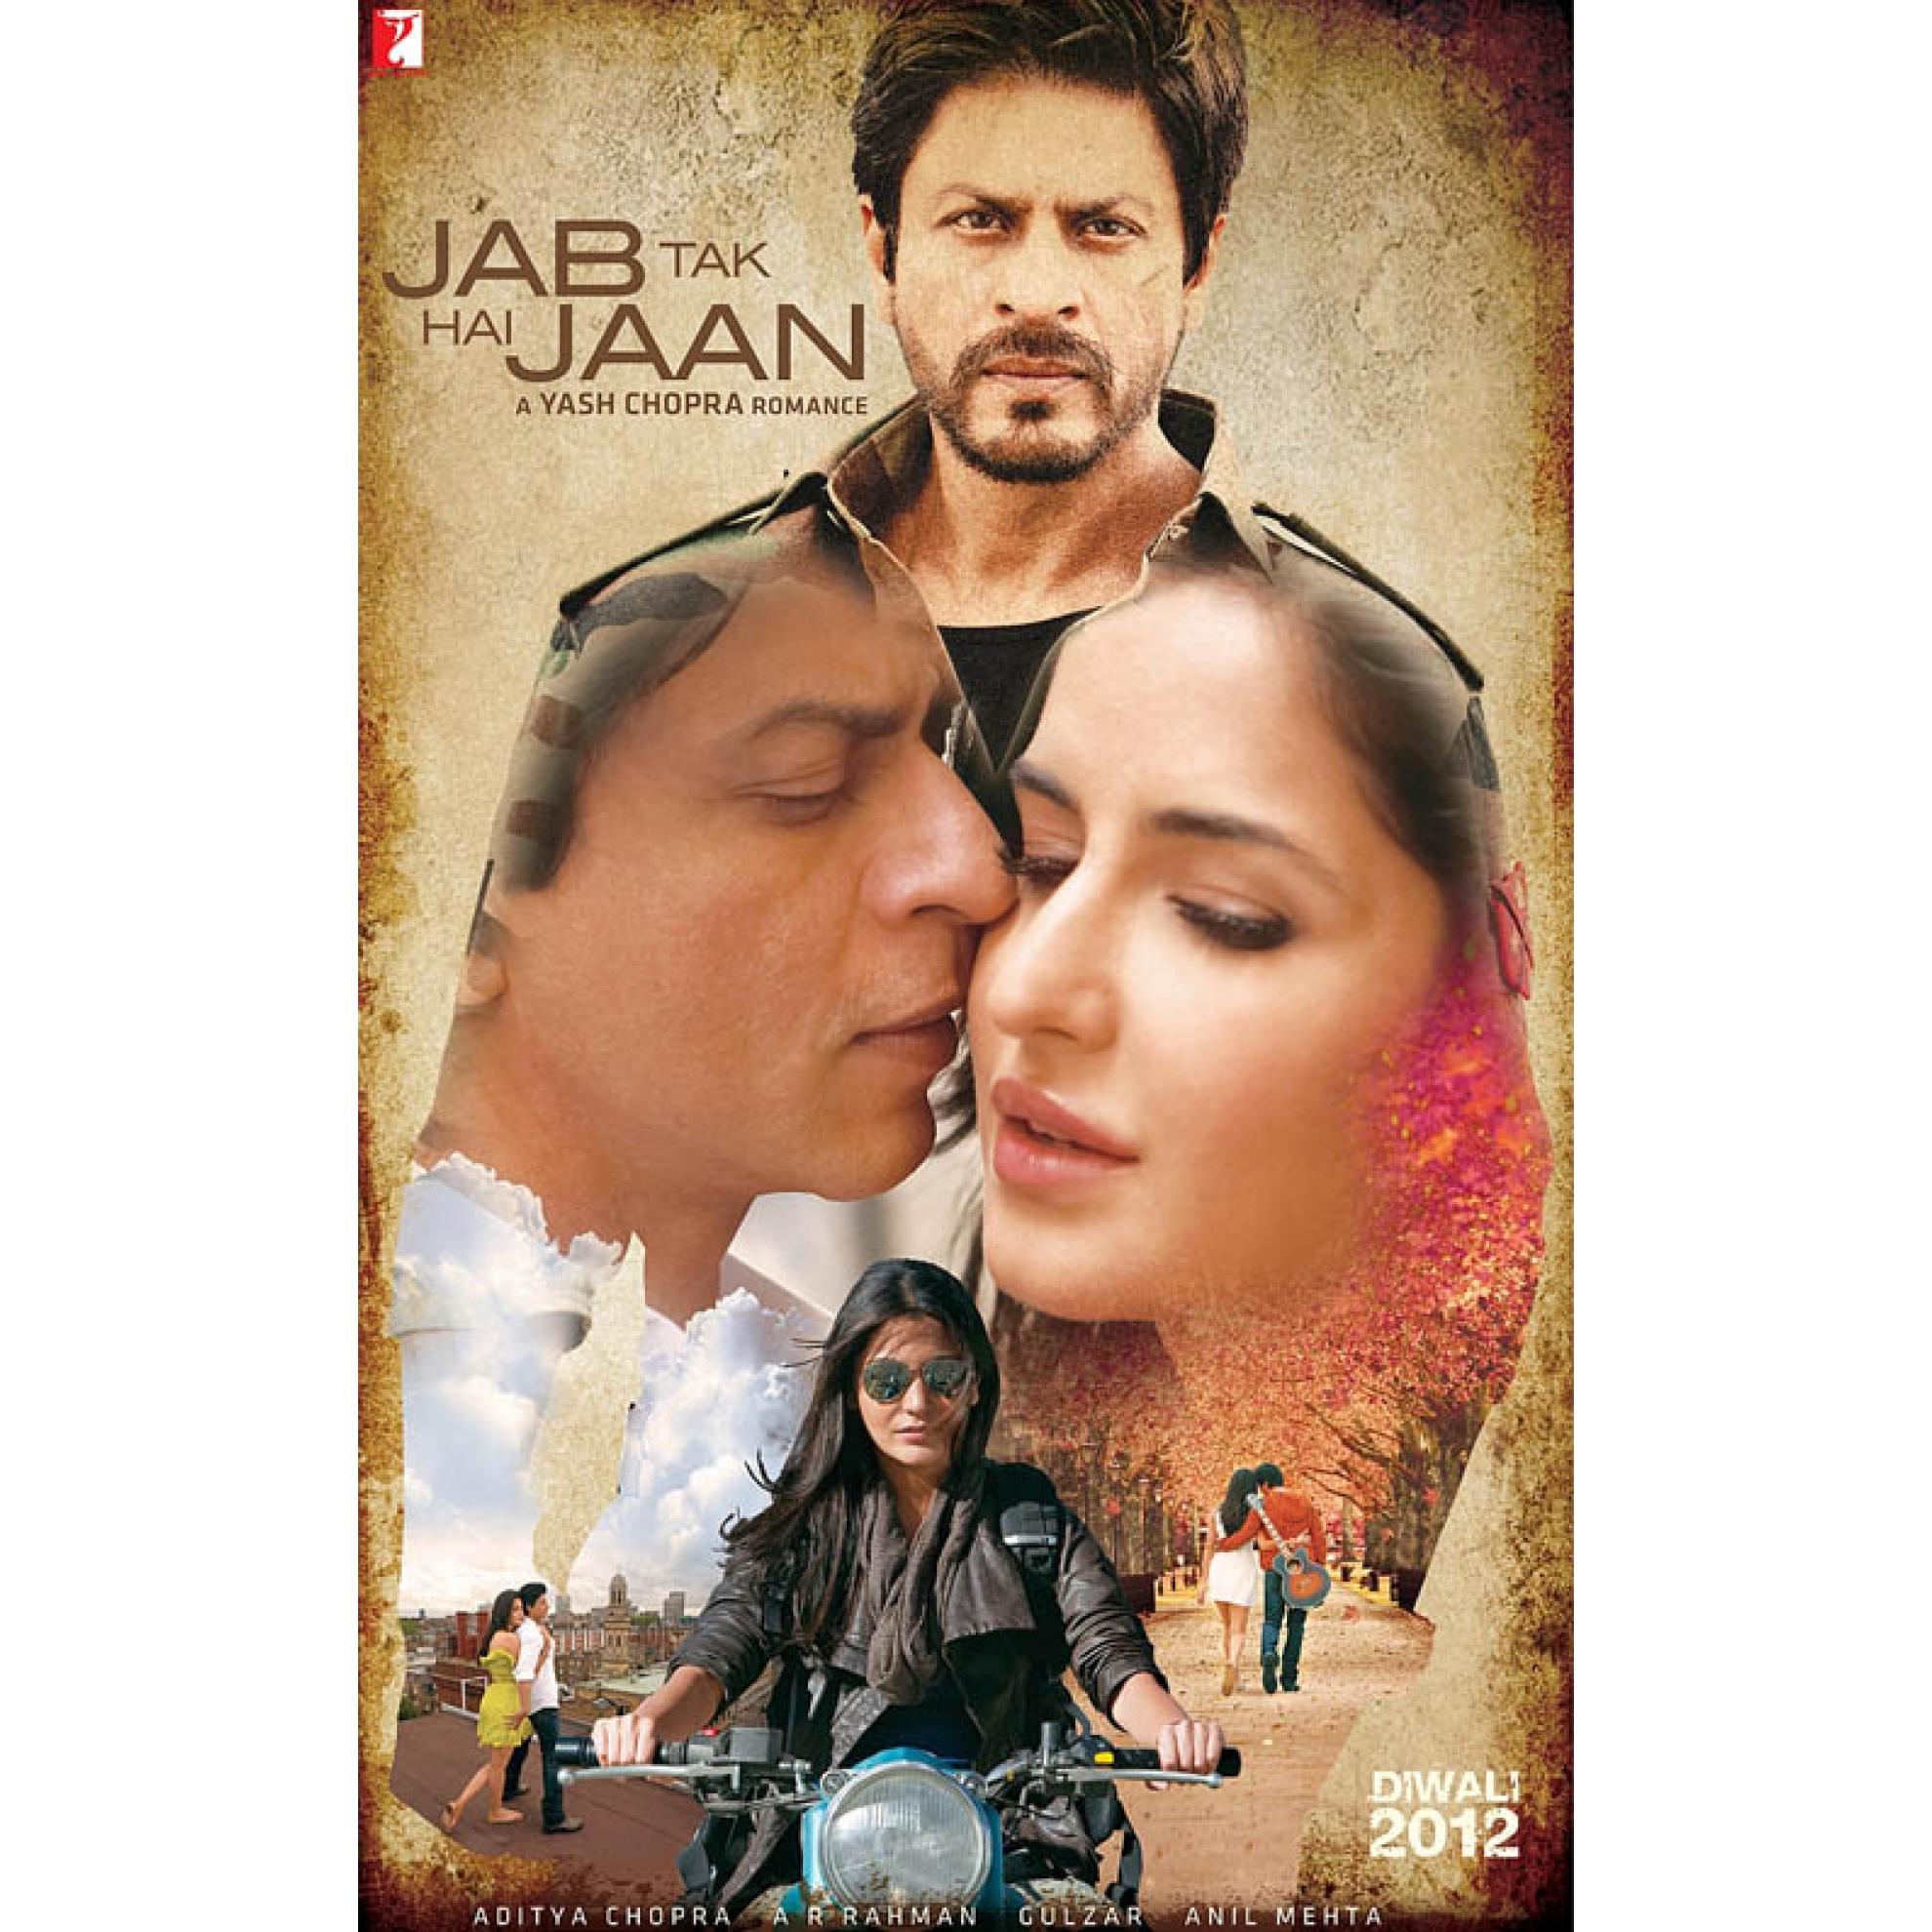 POSTER Jab Tak Hai Jaan  Jab Tak Hai Jaan Poster